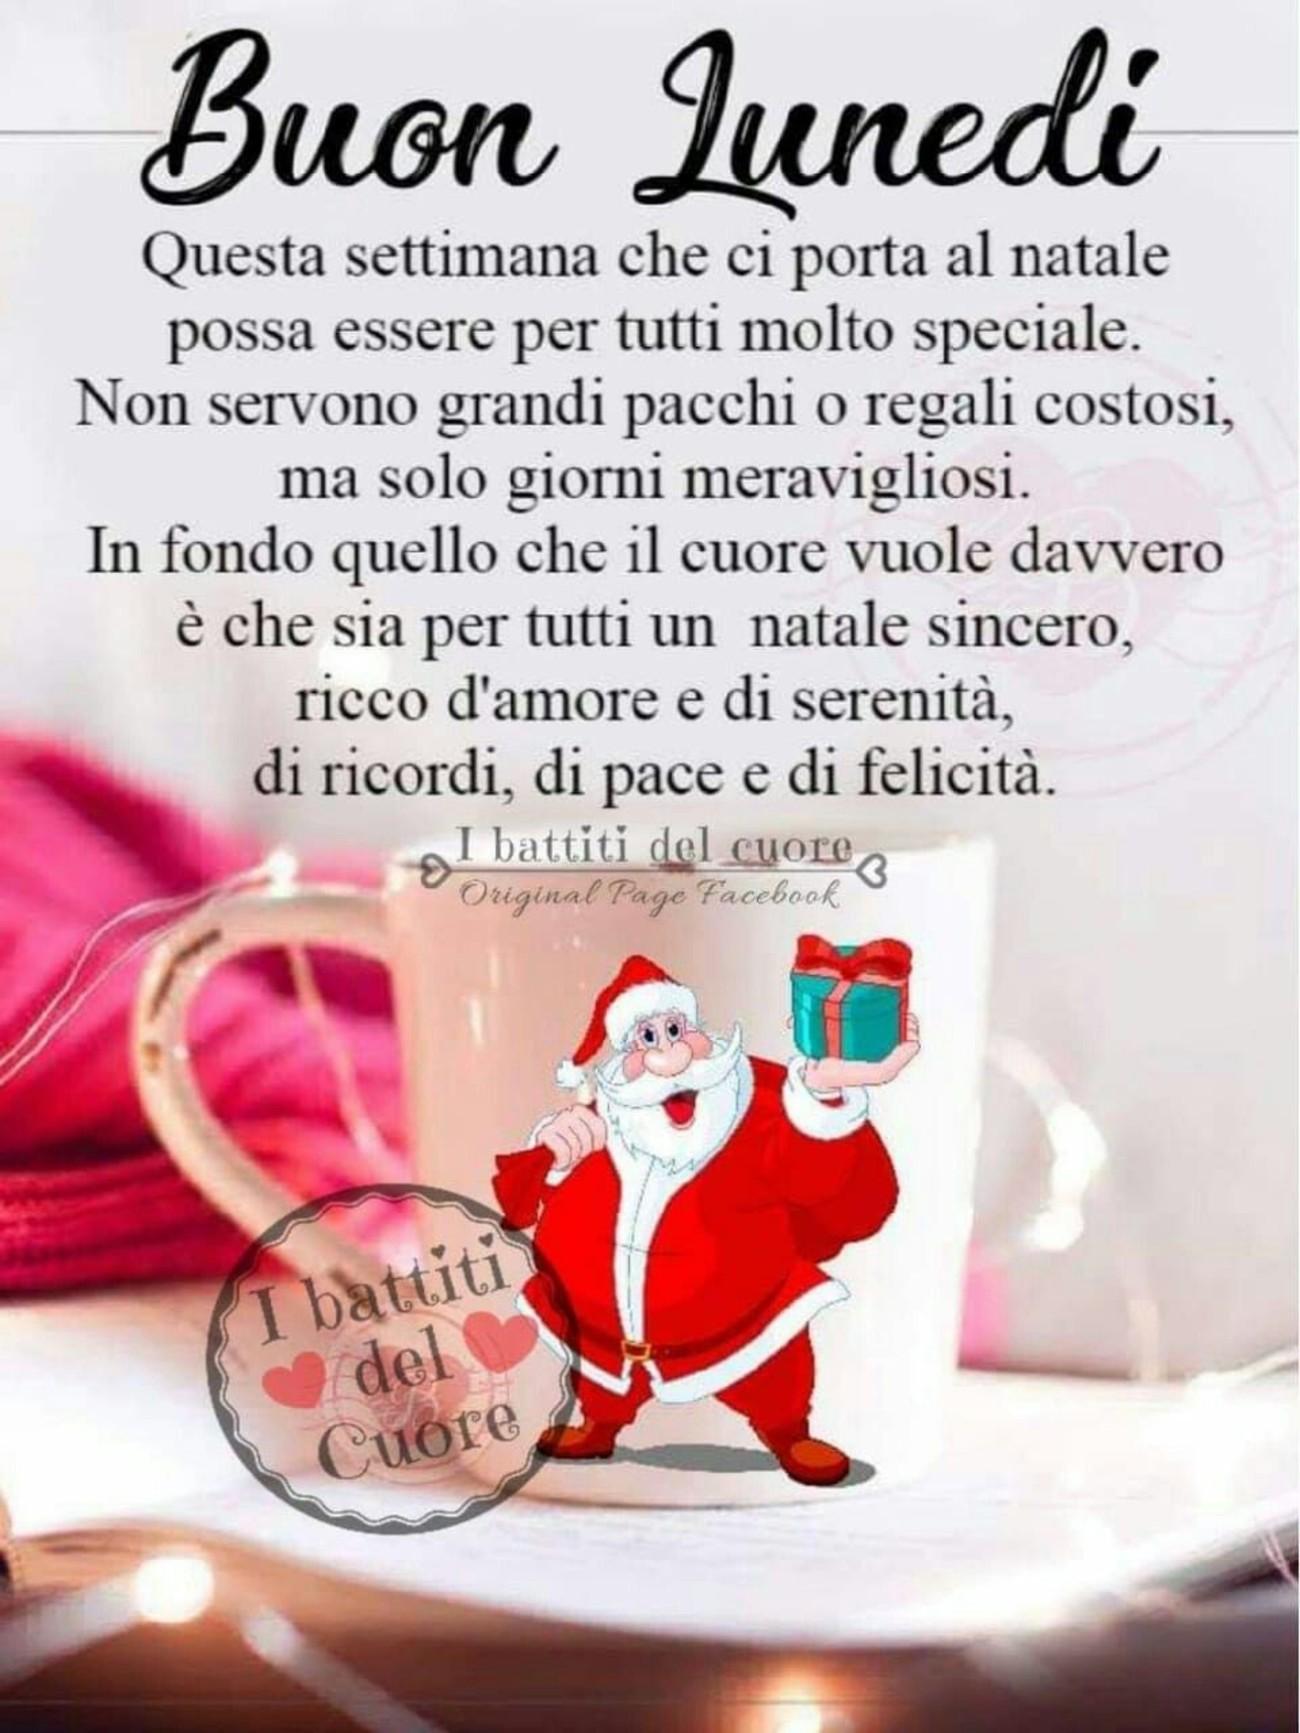 Buon Lunedi Settimana Di Natale 63 Buongiorno Immagini It